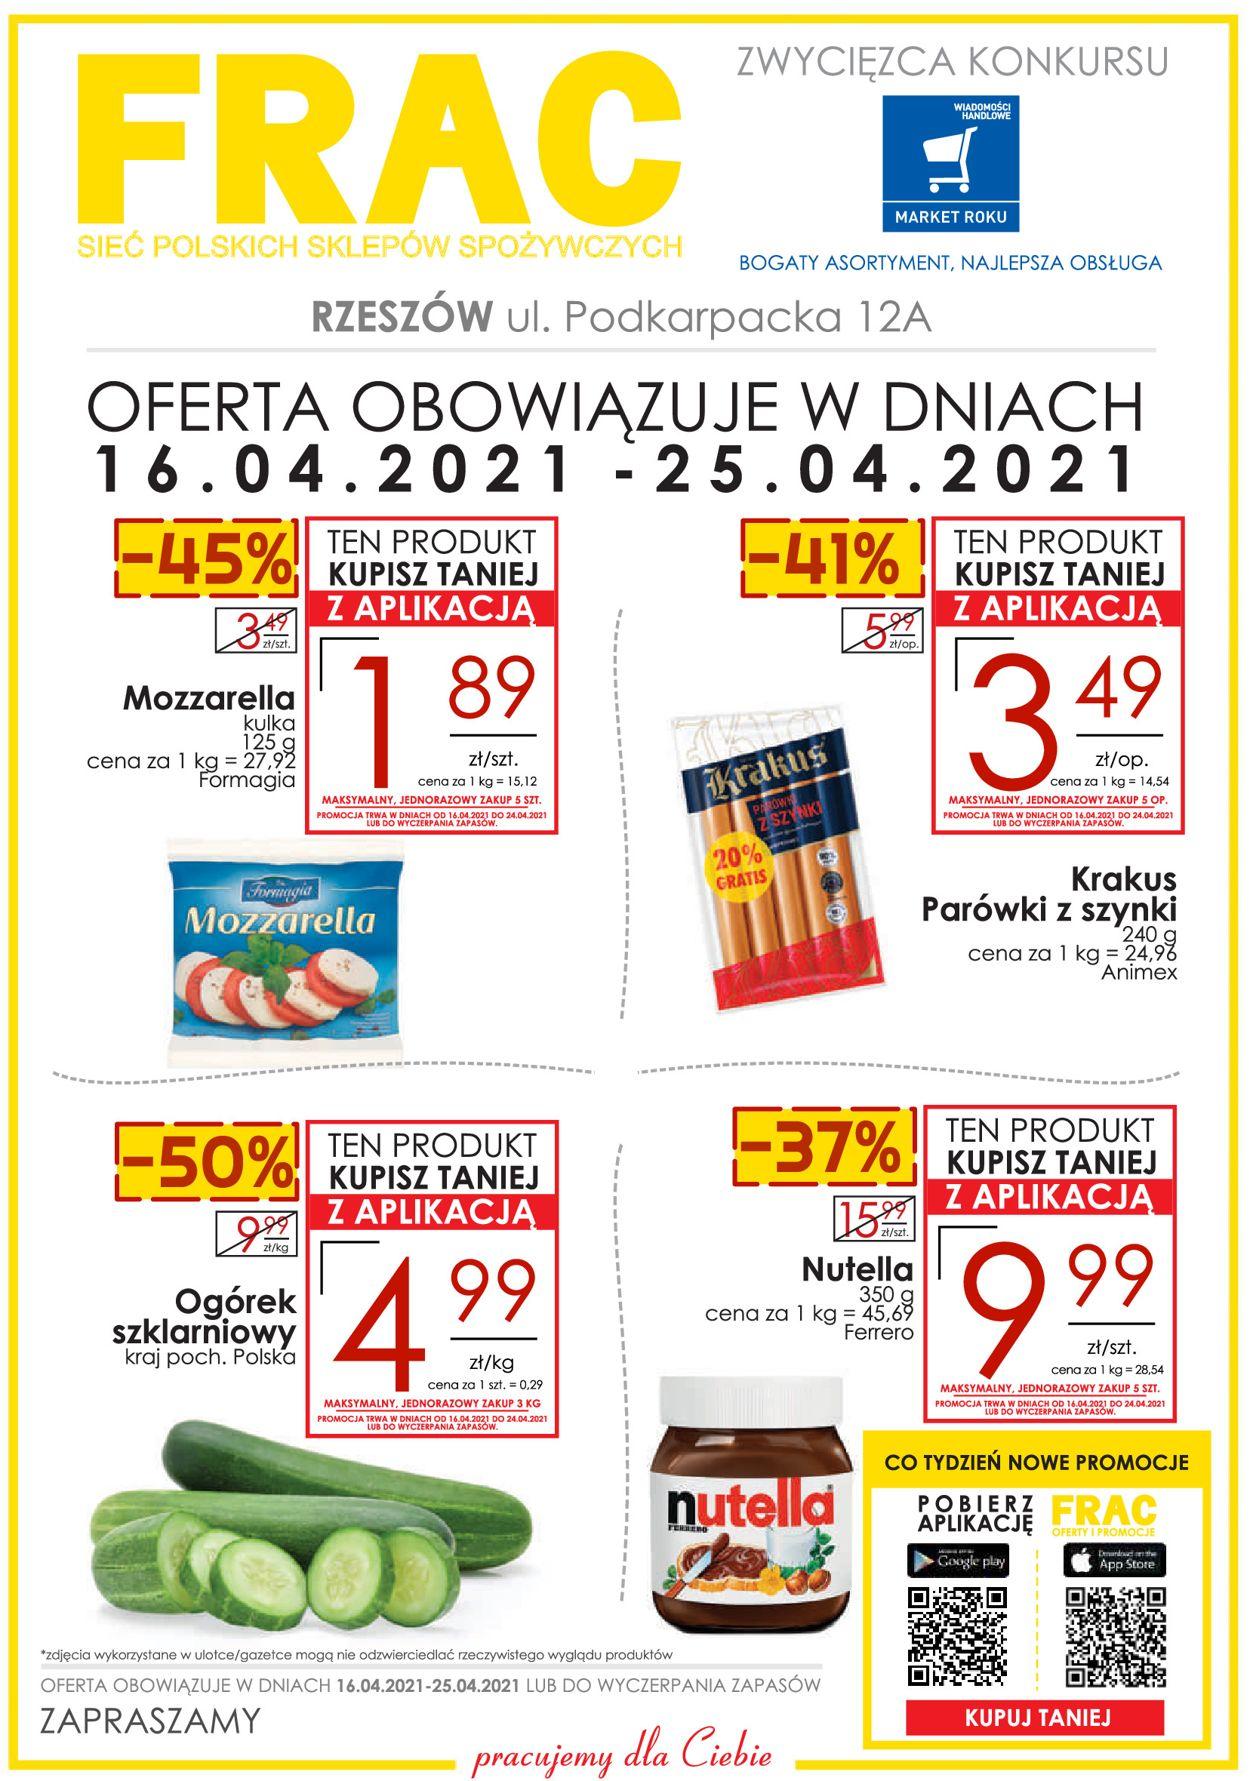 Gazetka promocyjna Frac - RZESZÓW UL. PODKARPACKA 12A - 16.04-25.04.2021